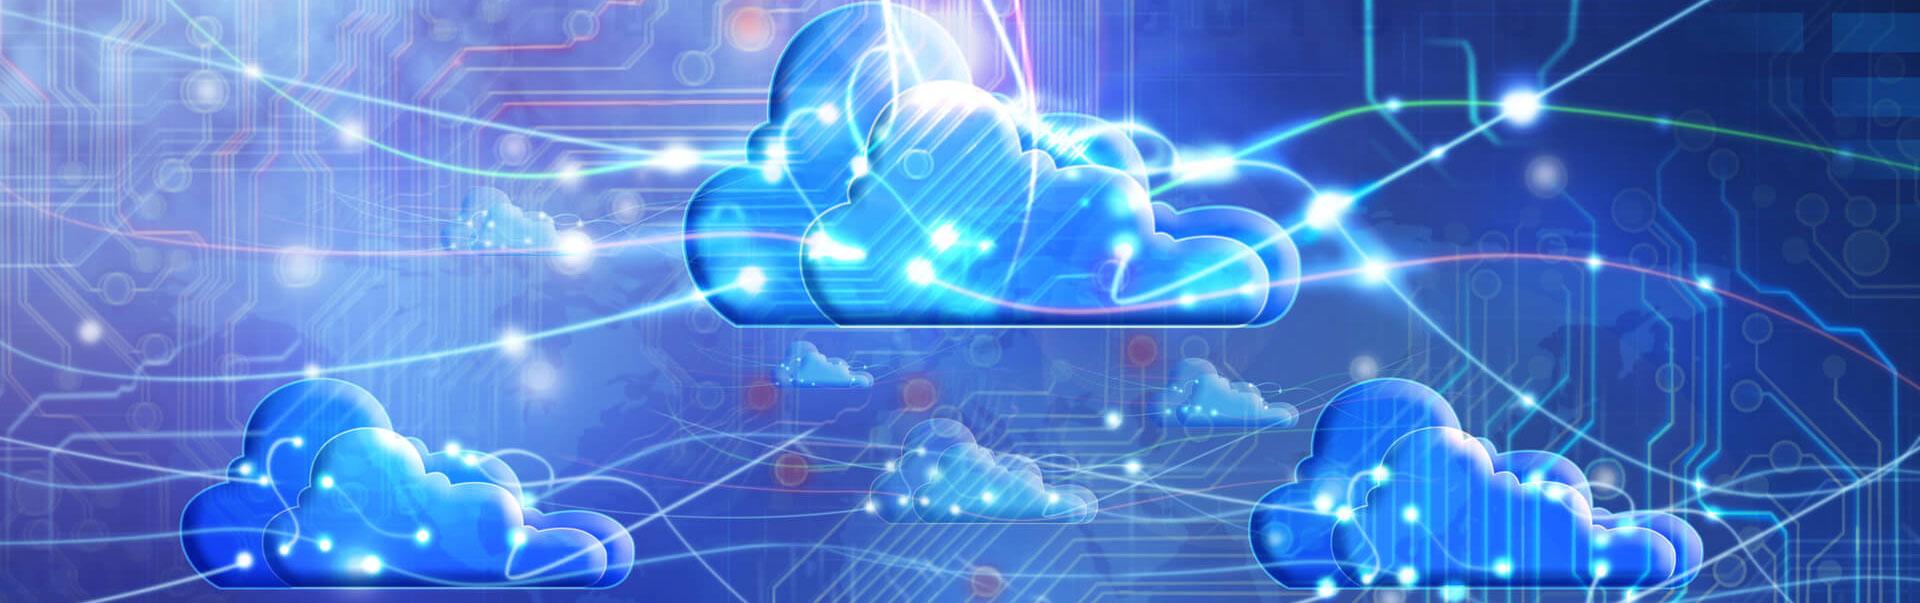 3 Redenen waarom toonaangevende bedrijven meerdere clouds gebruiken